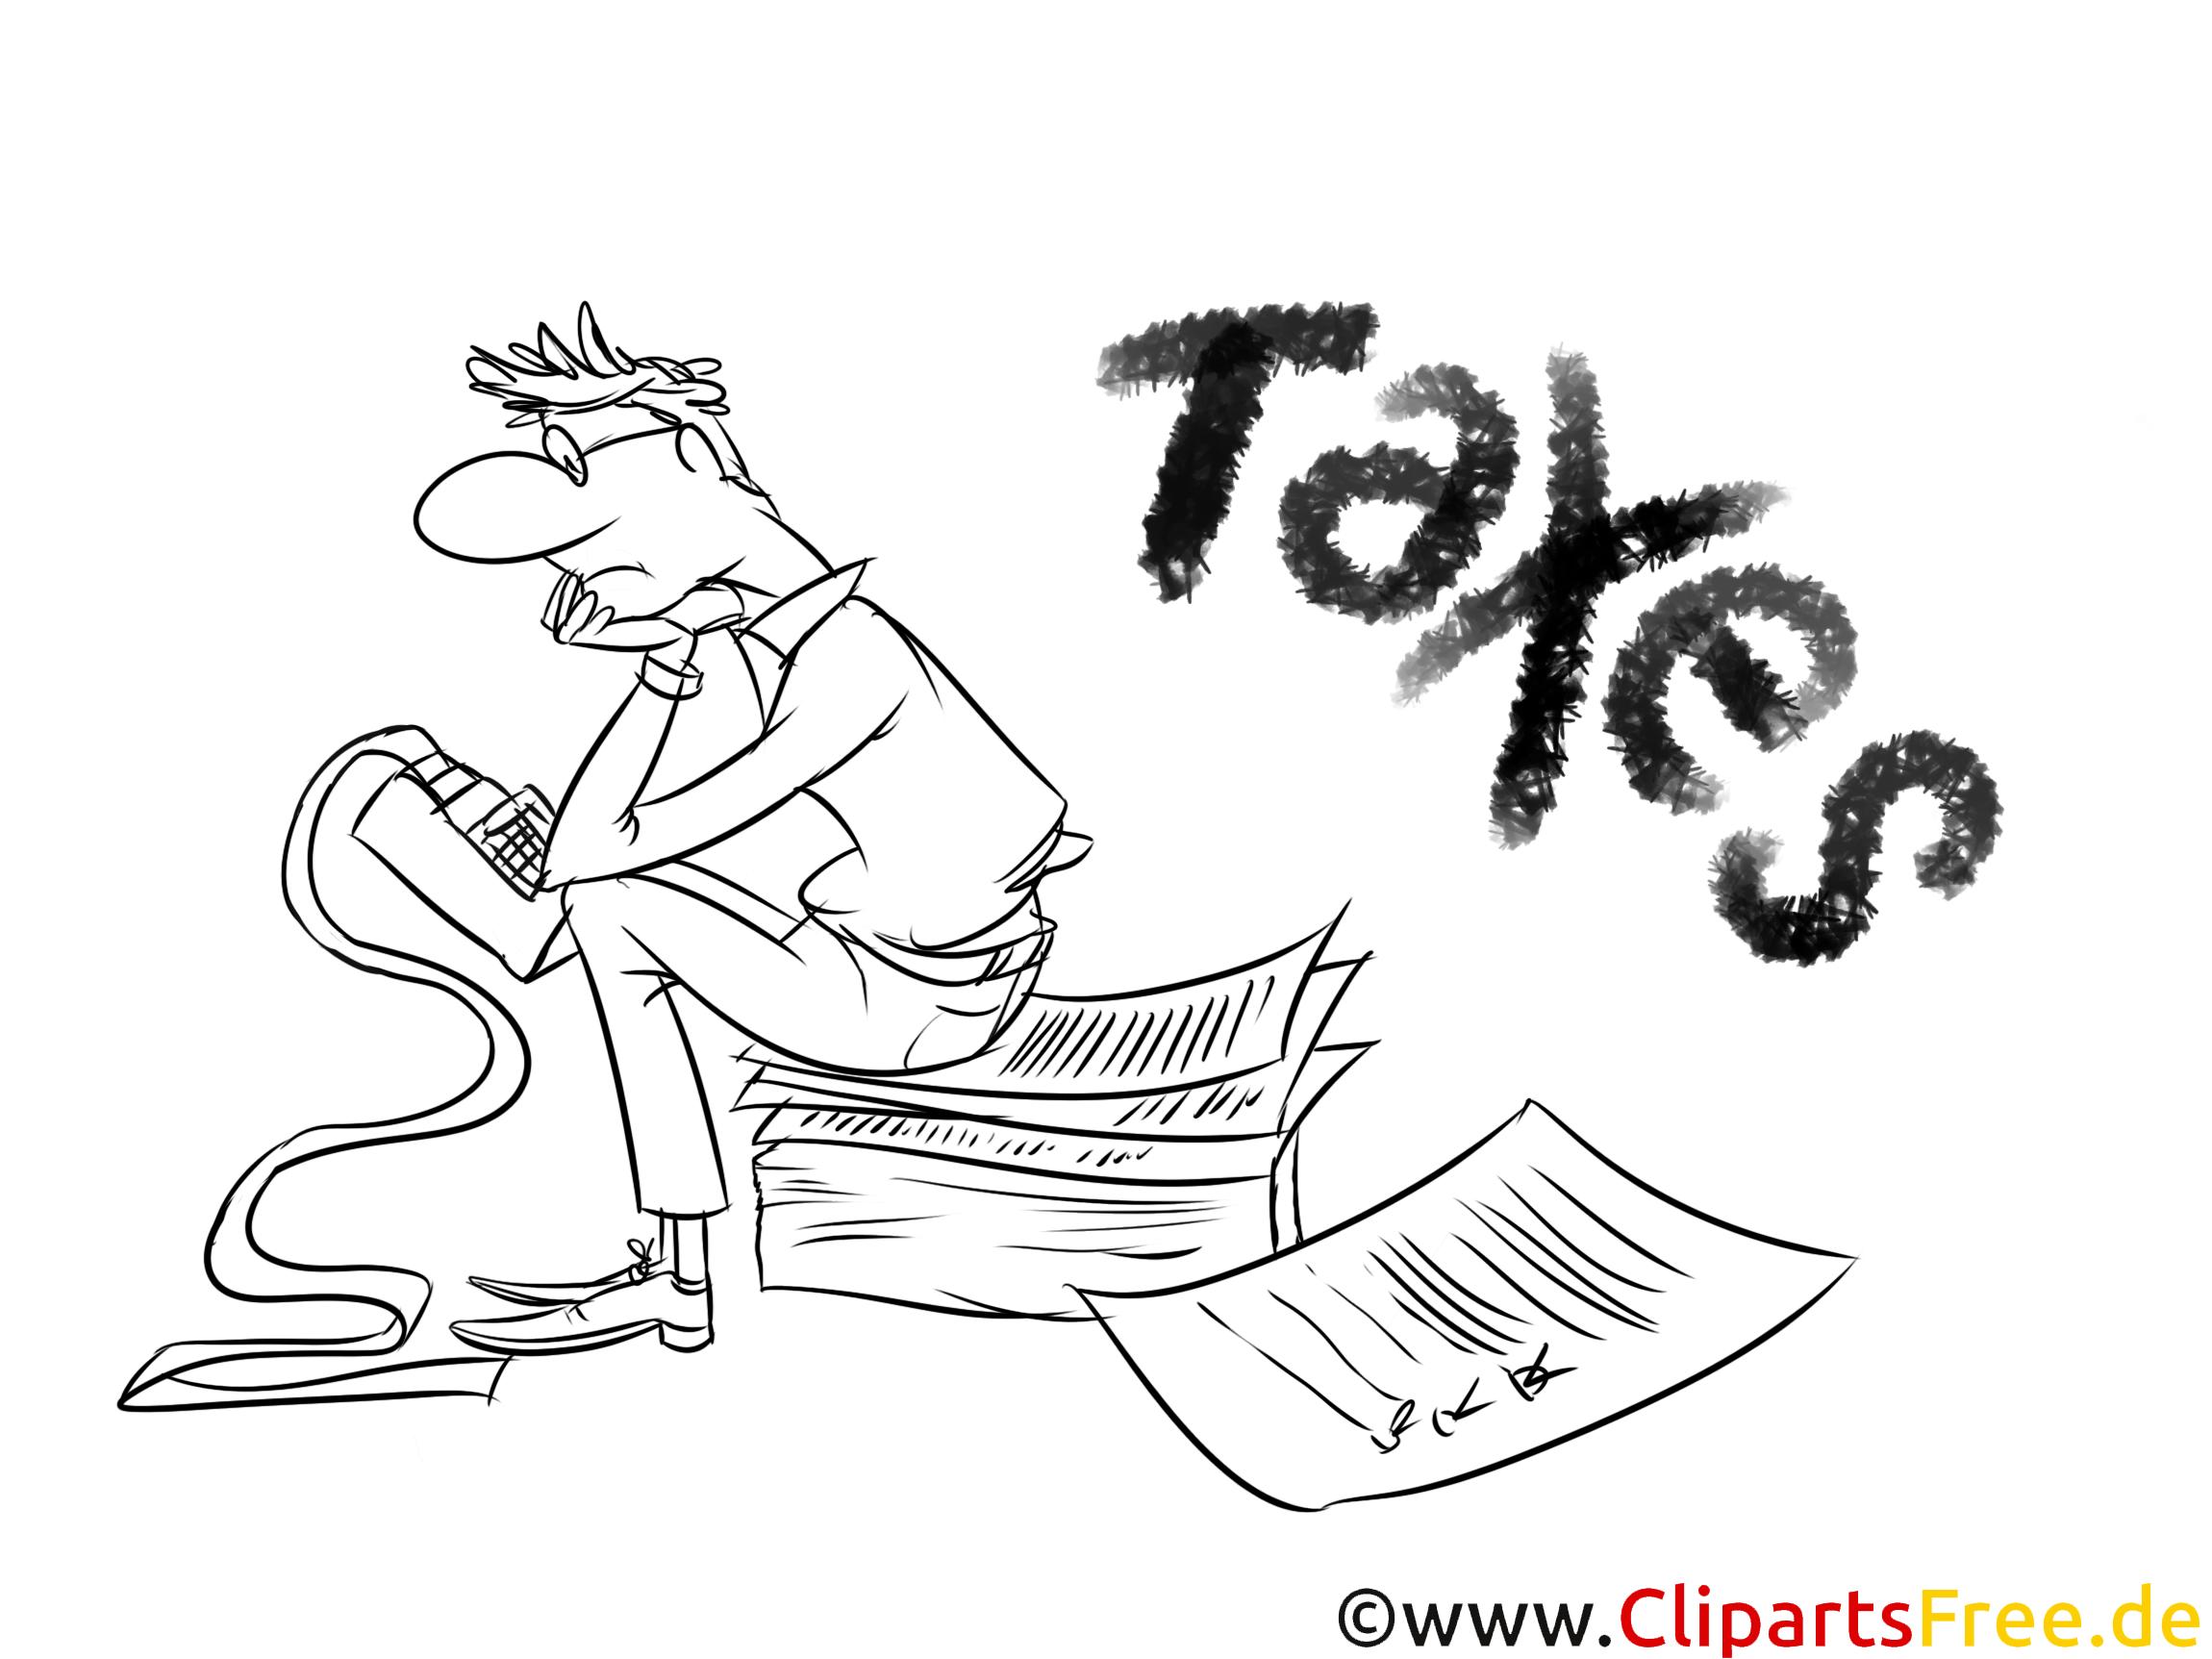 Gratis Bild zum Ausmalen Steuererklärung